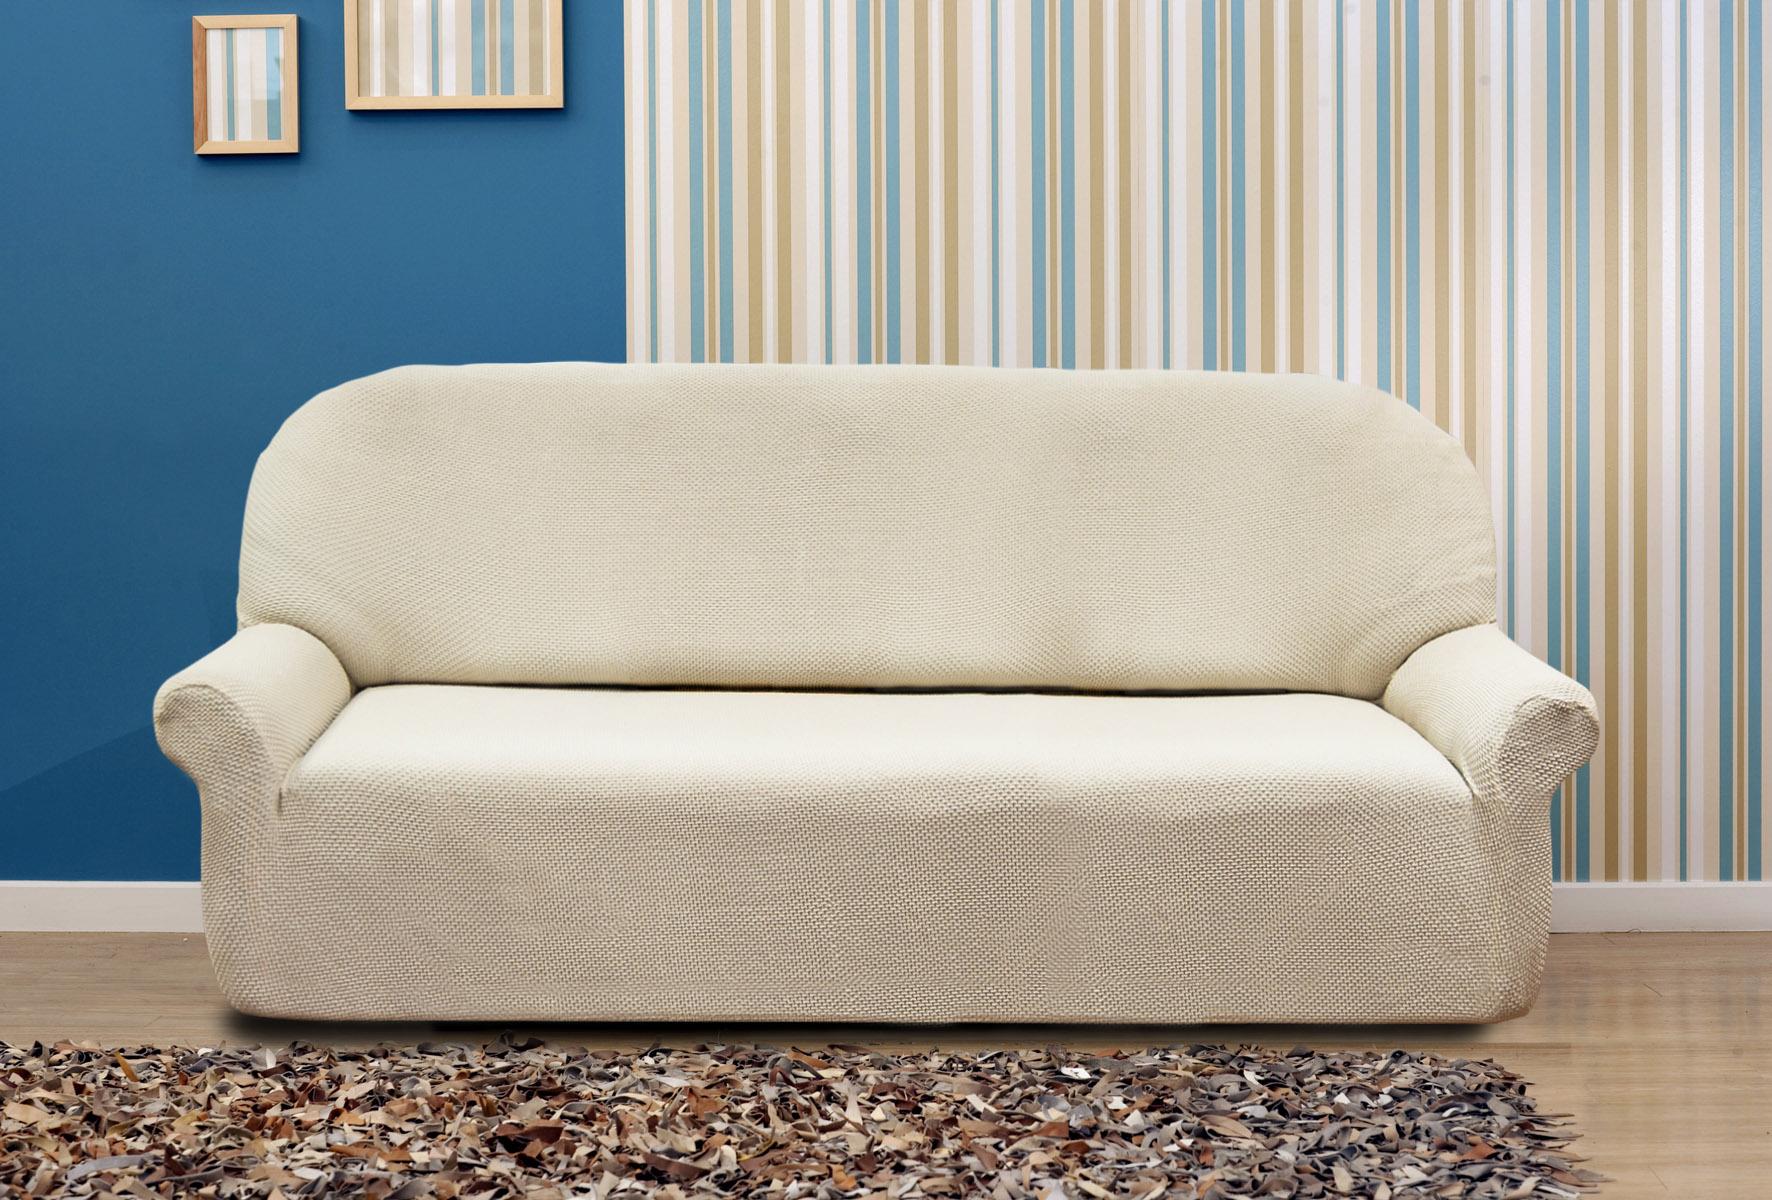 каждого чехол на диван универсальный фото статье приведено описание